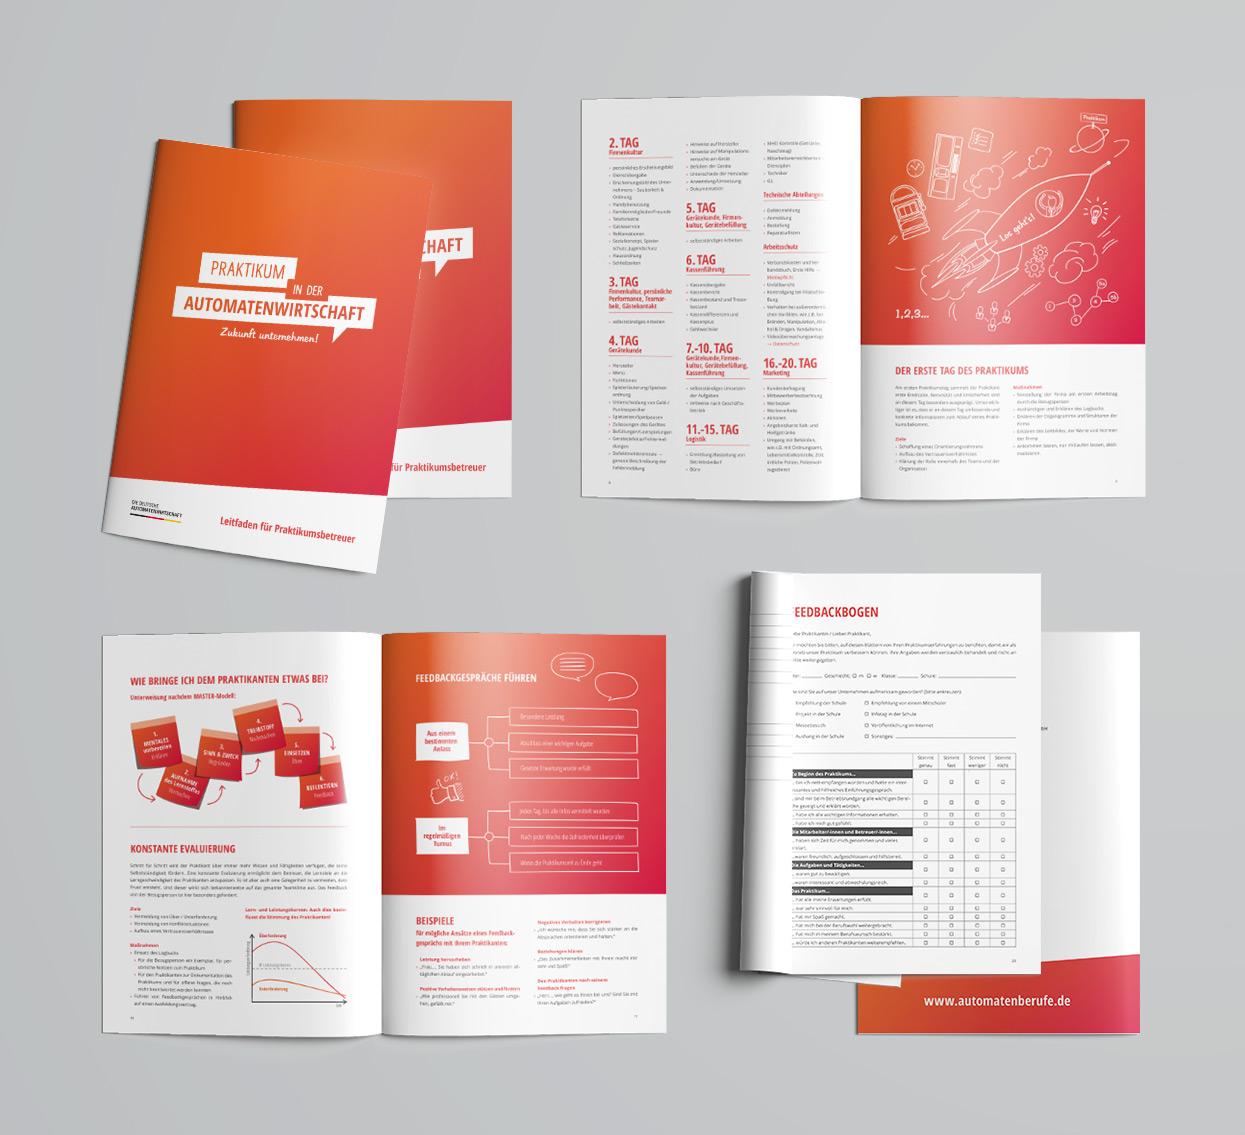 Ausbildung in der Automatenwirtschaft Praktikumsleitfaden Broschüre